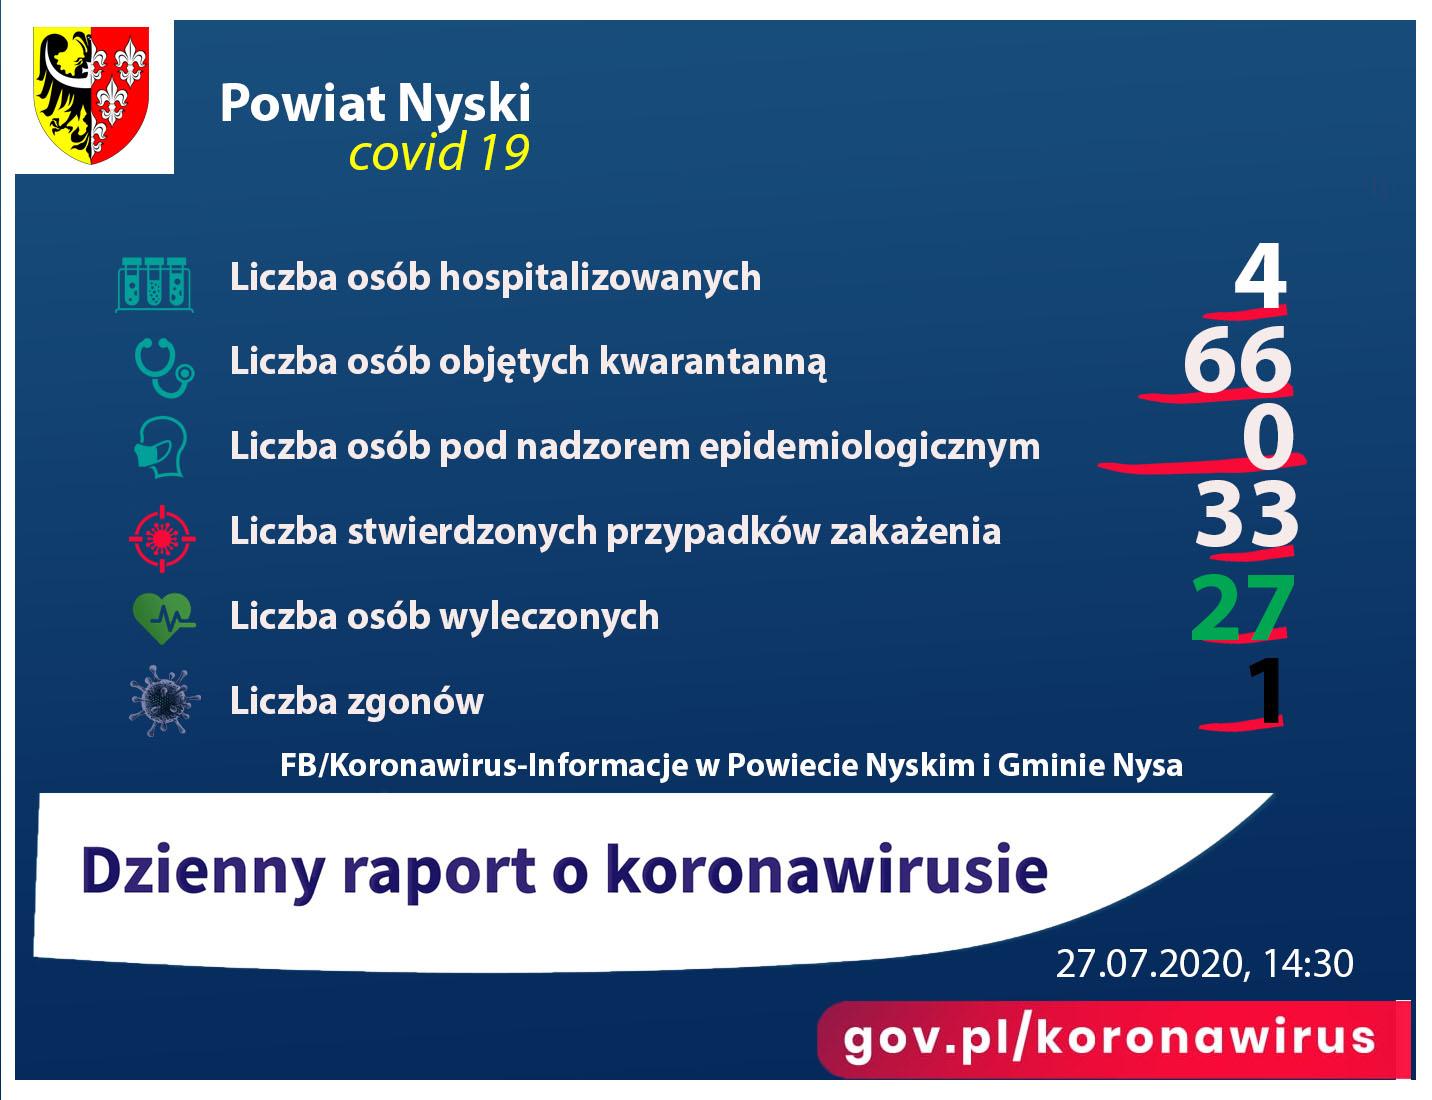 Zdjęcie przedstawia raport o ilości osób zakażonych koroawirusem